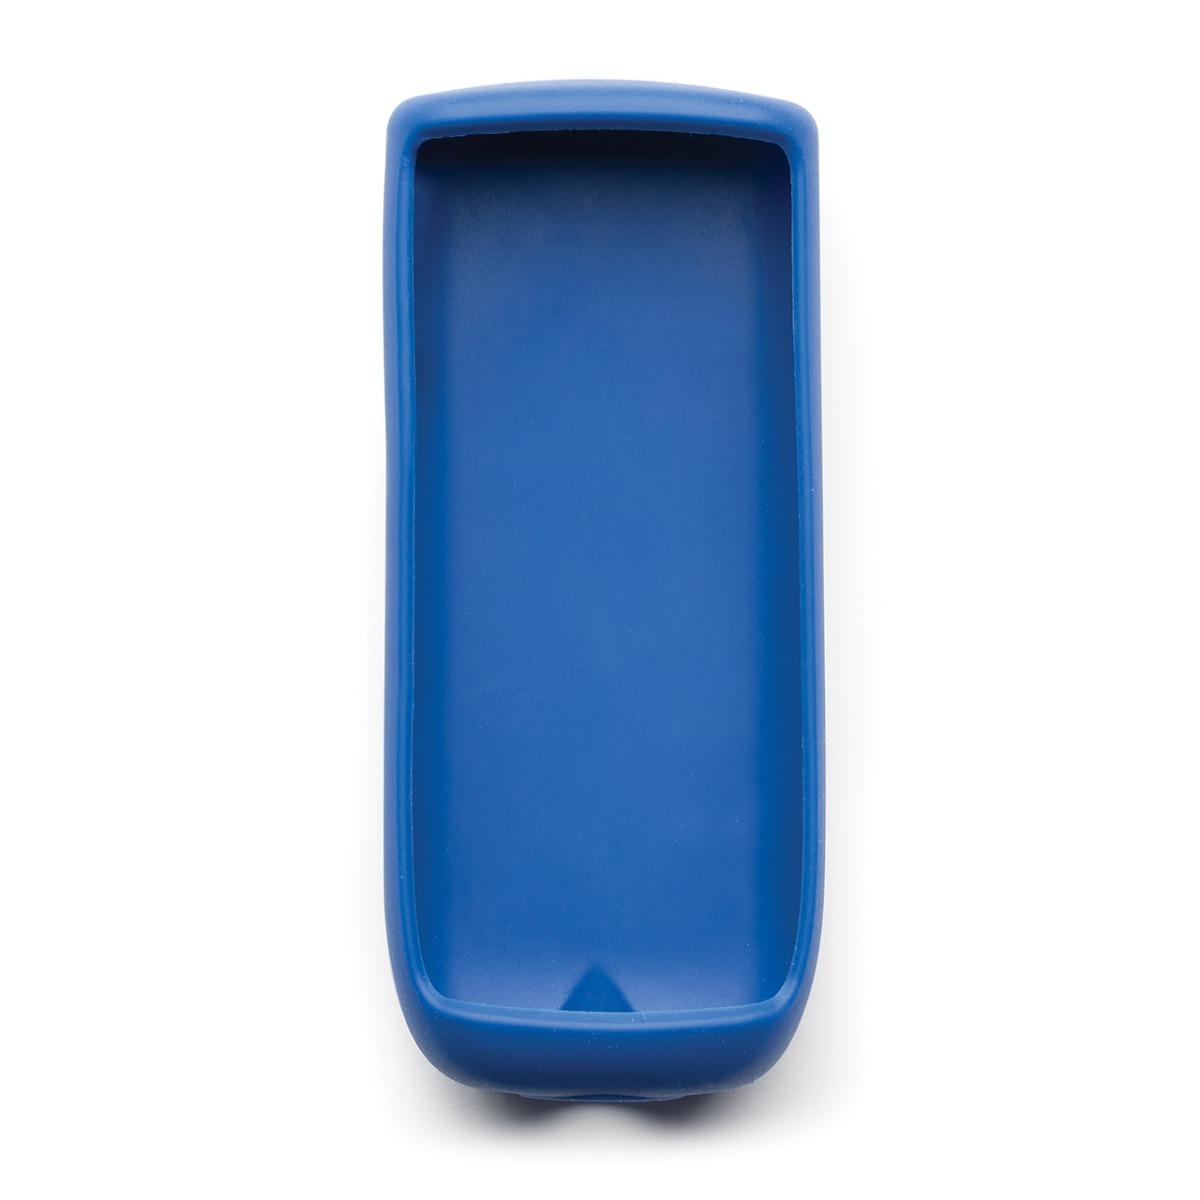 HI710029 Shockproof Rubber Boot (Blue)